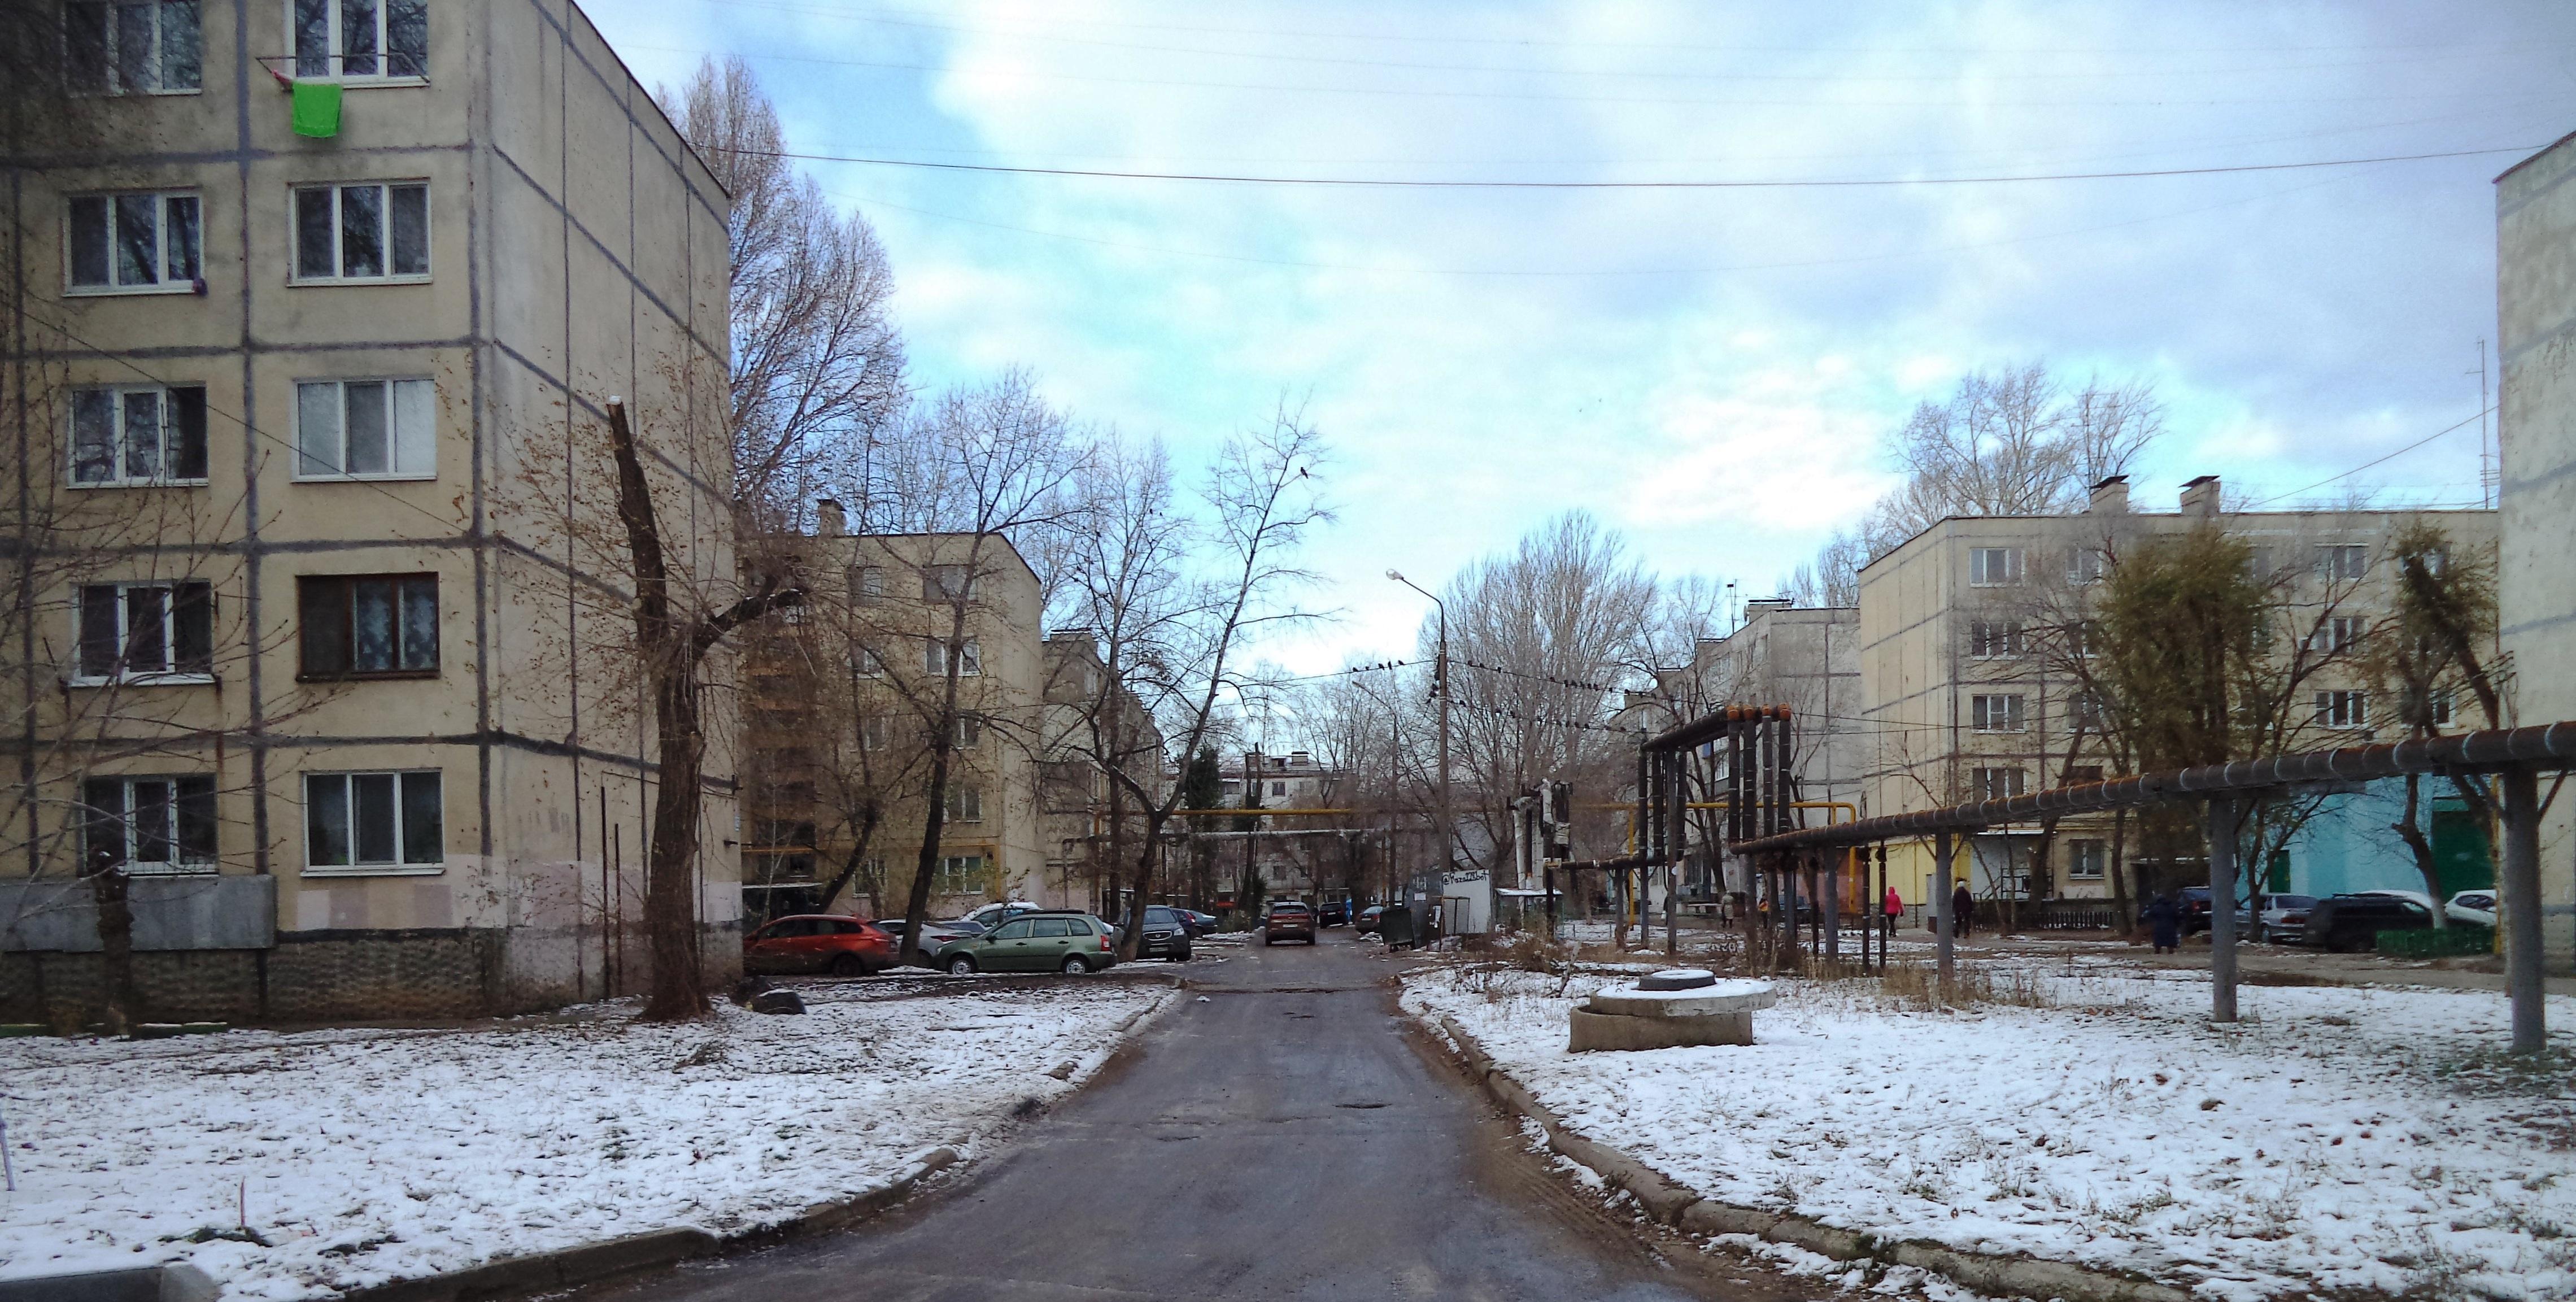 Ново-Молодёжный-ФОТО-13-вдоль по улице